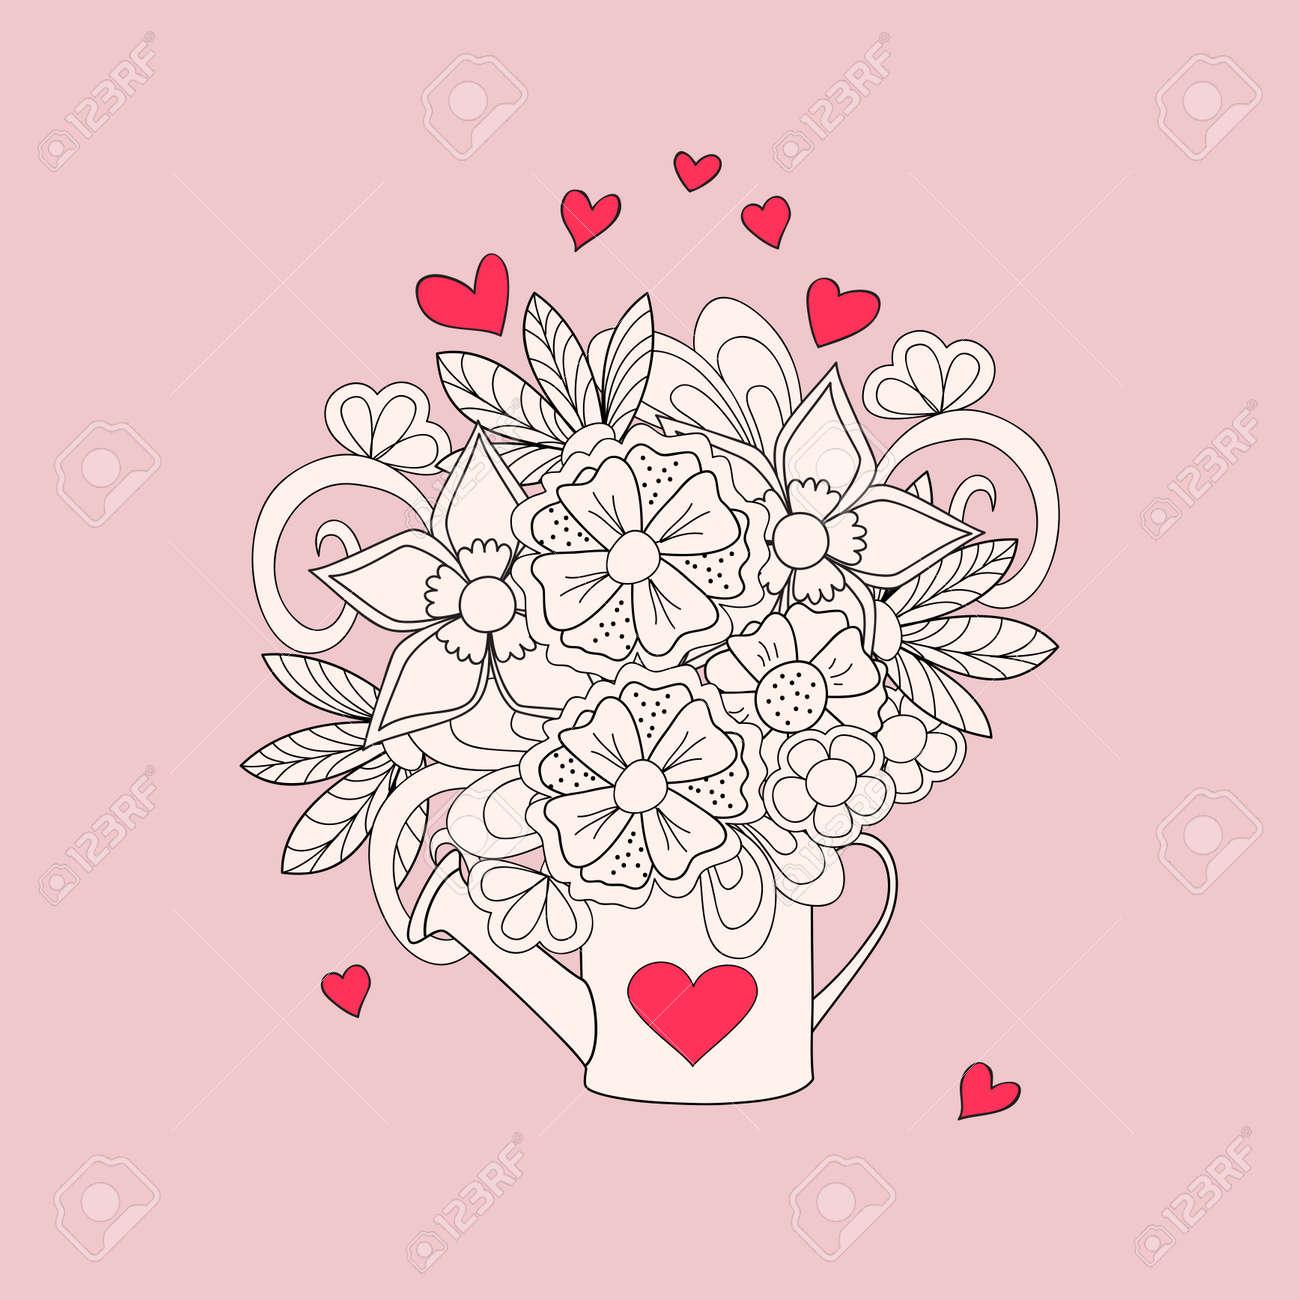 El Riego A Mano Decorada En Estilo Dibujado Puede Zen Imagen Para La Tarjeta De San Valentín Invitación Ahorre La Fecha Boda Vacaciones